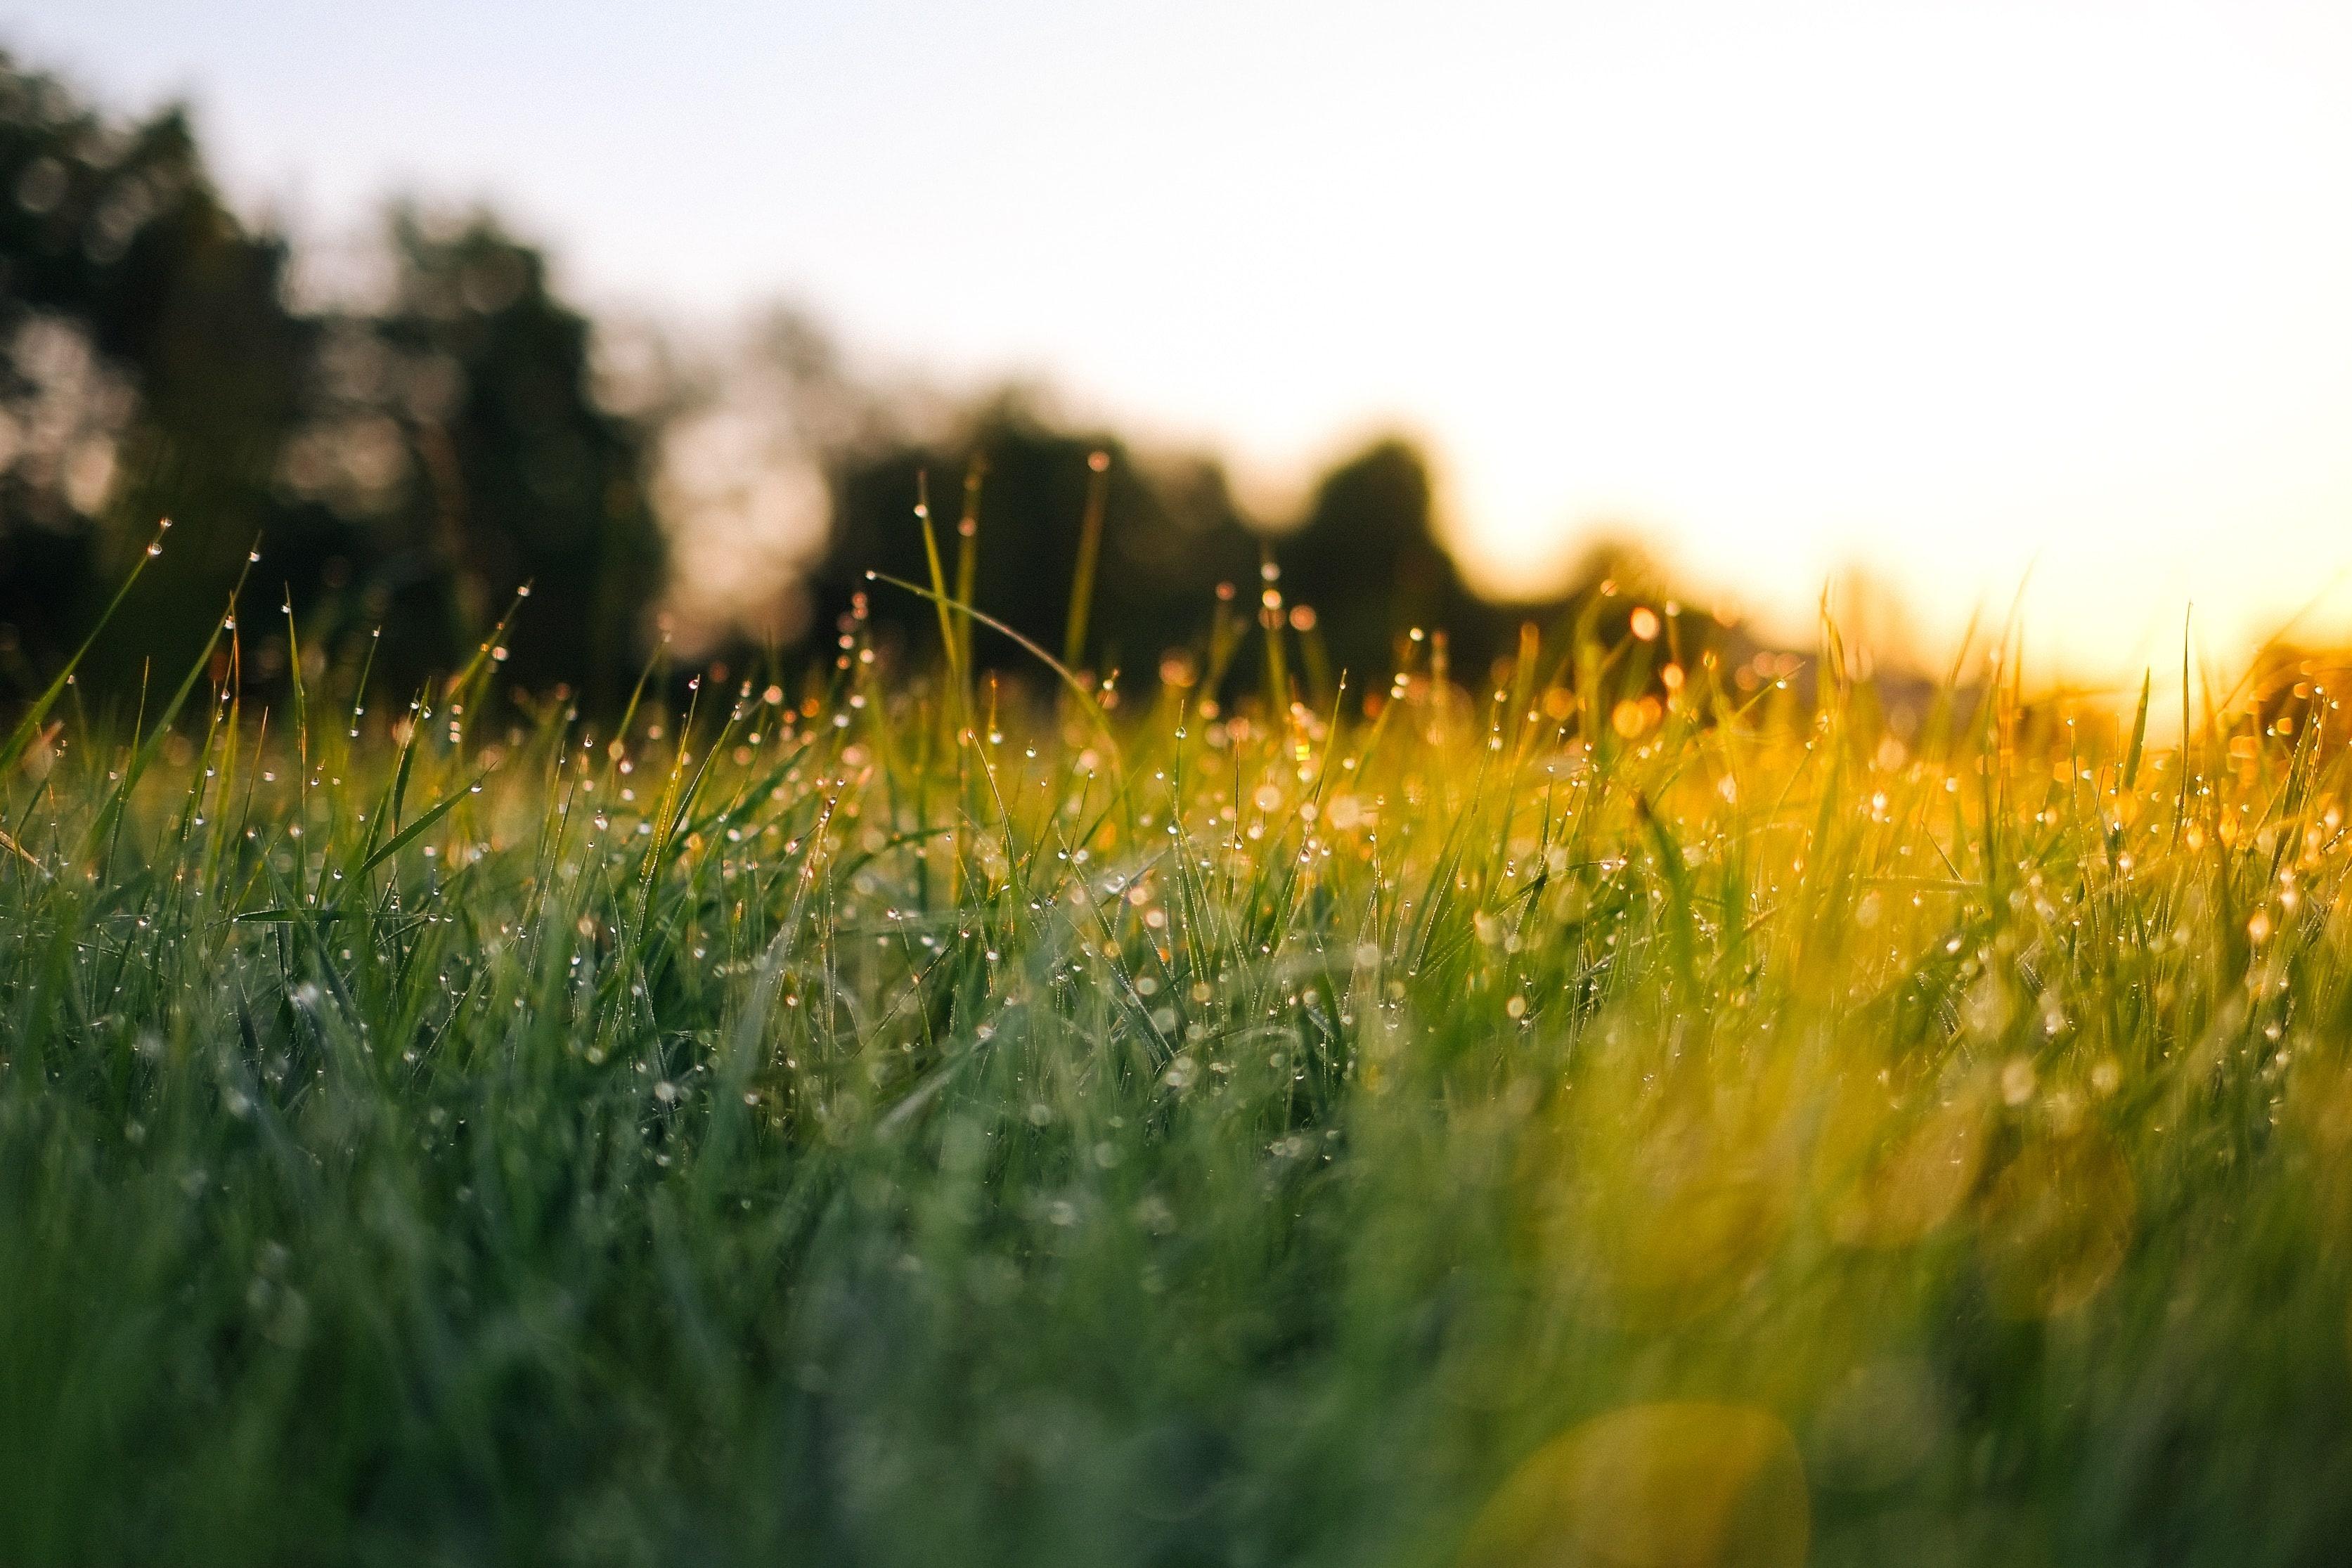 Field of grass during golden hour.